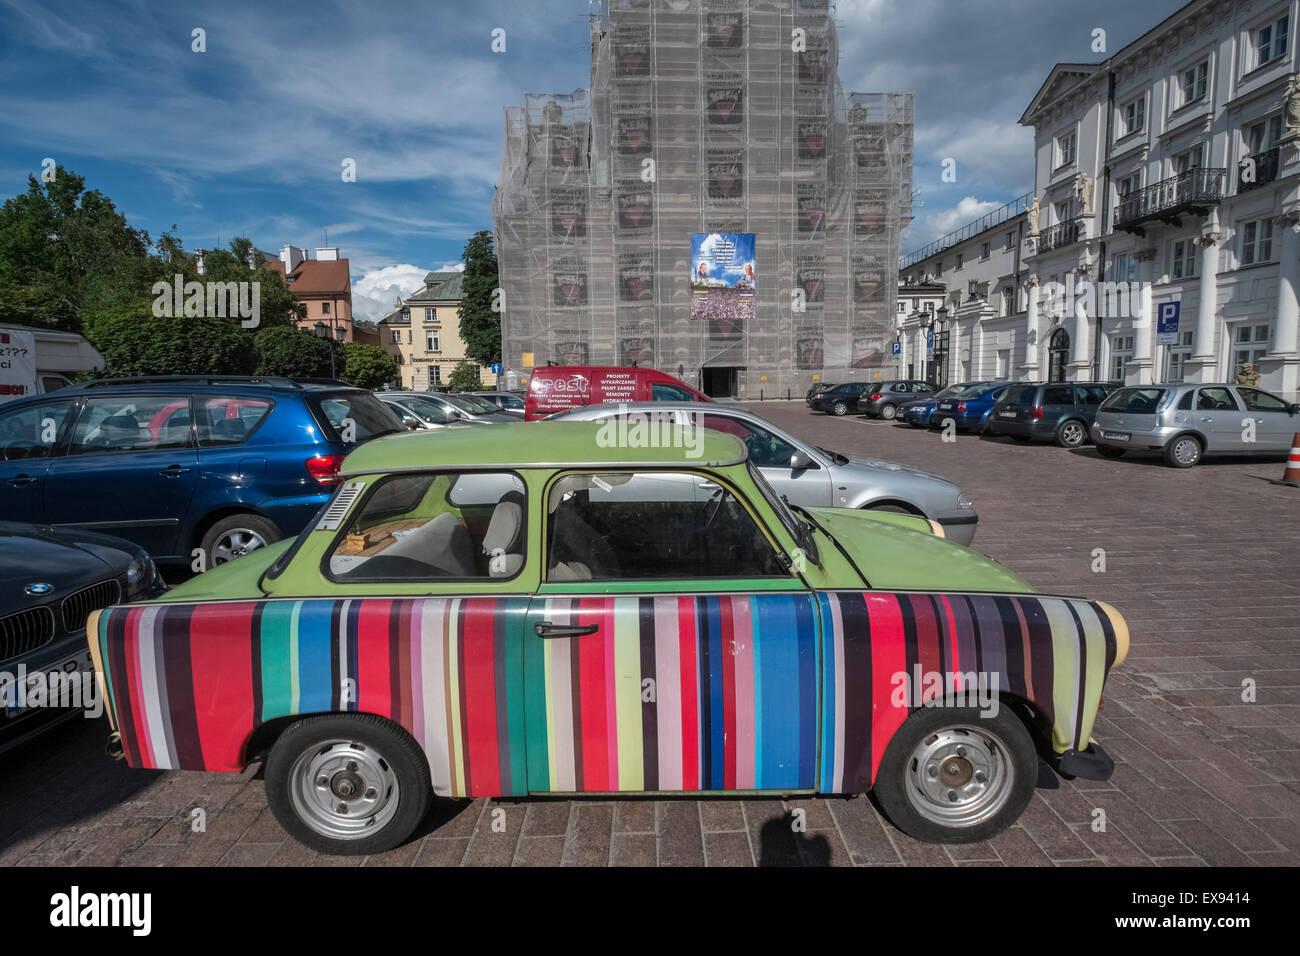 Vecchia Trabant vettura con strisce multi colore pannello laterale, Varsavia, Polonia Immagini Stock